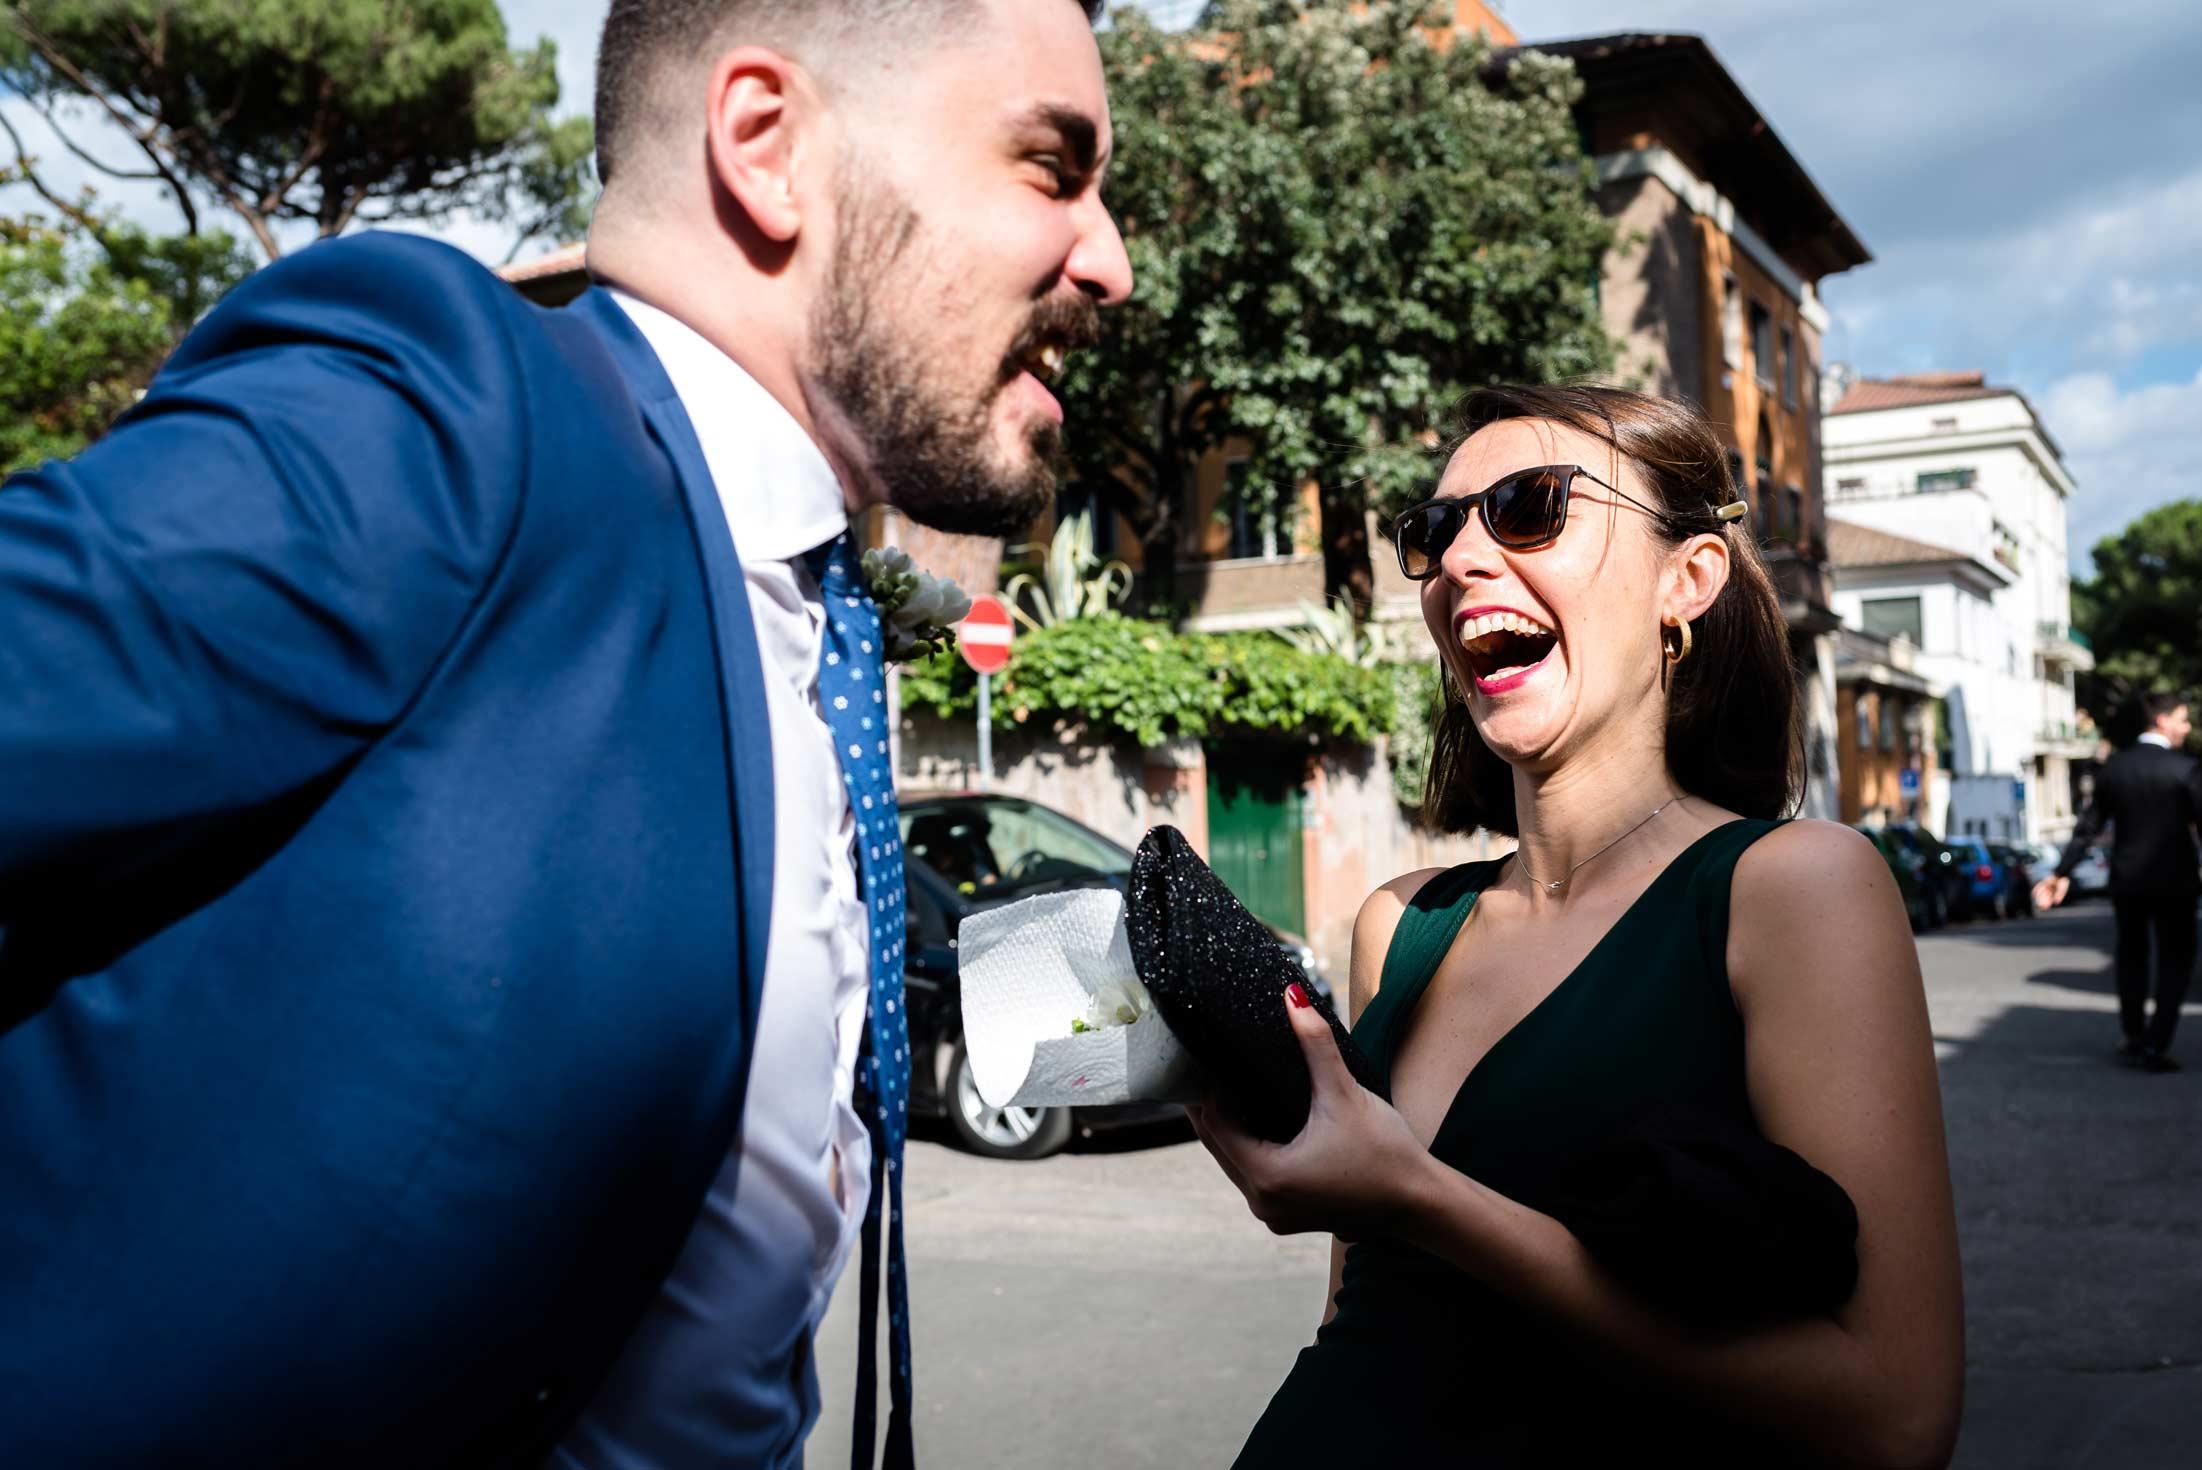 Fotografi-Di-Matrimonio-Roma-Stile-Reportage-Cerimonia